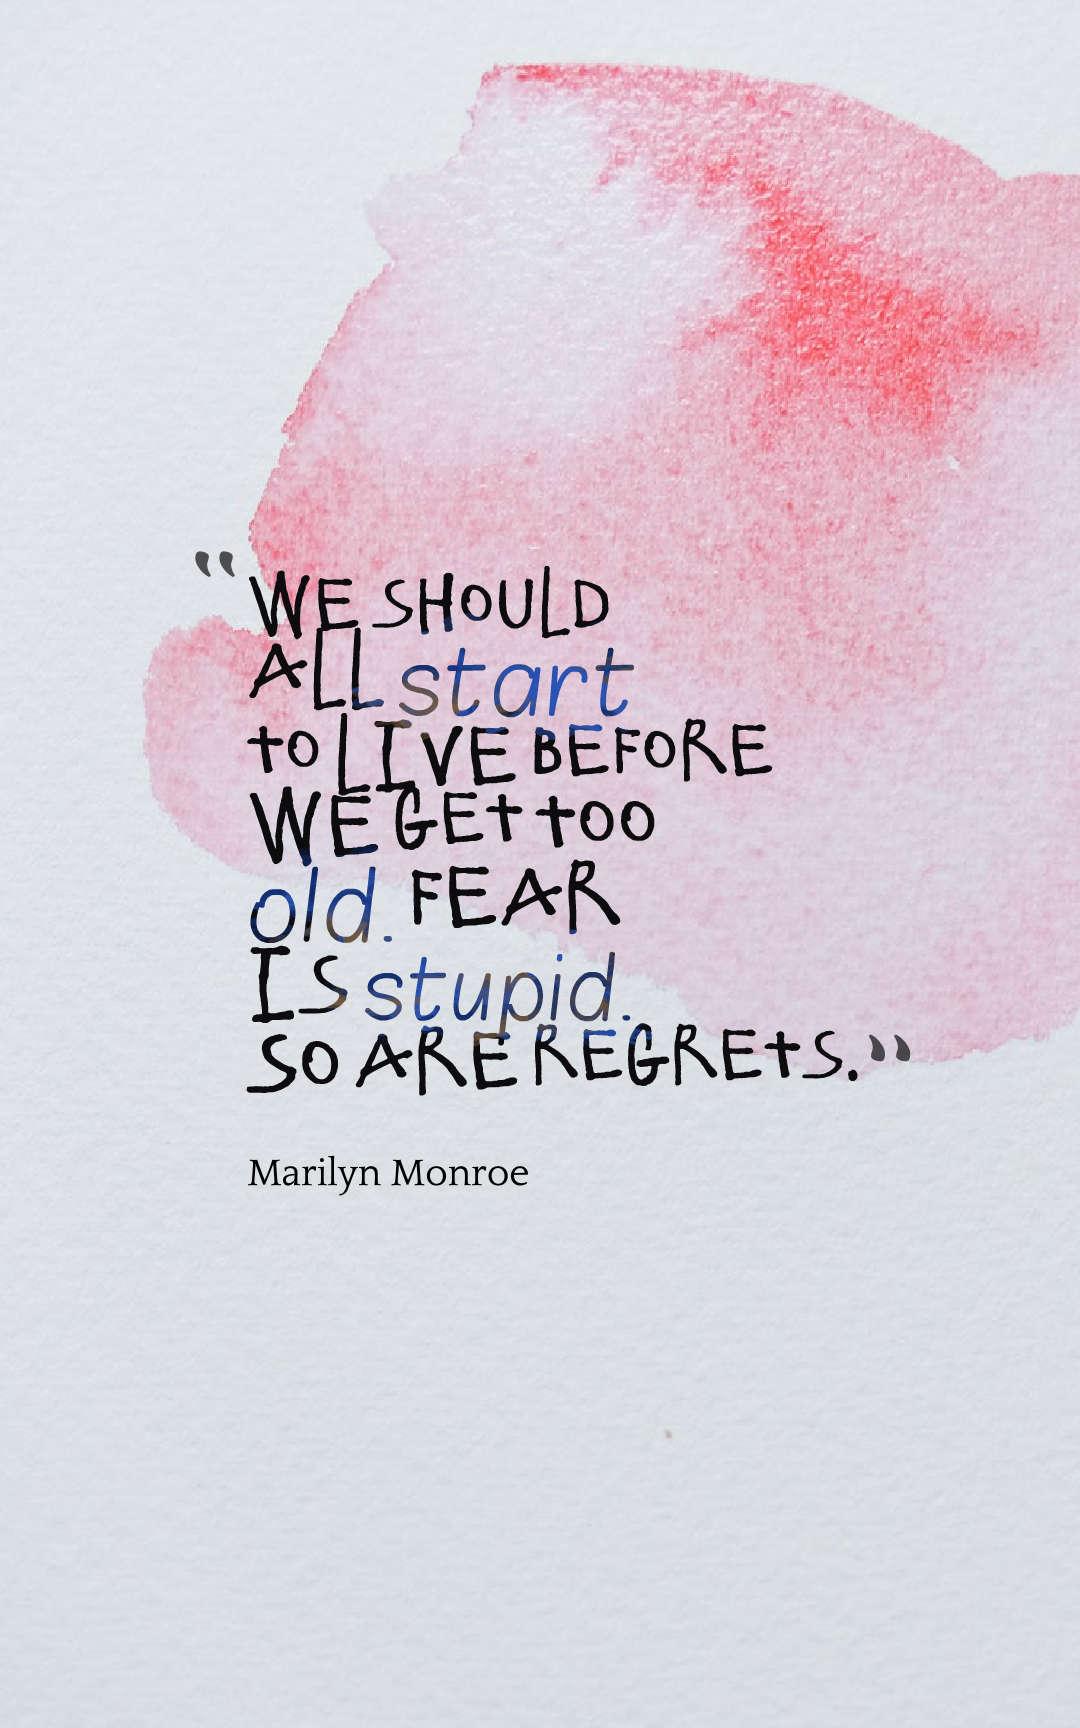 Quotes On Regrets : quotes, regrets, Regret, Quotes, Quotes), QuotesCover.com